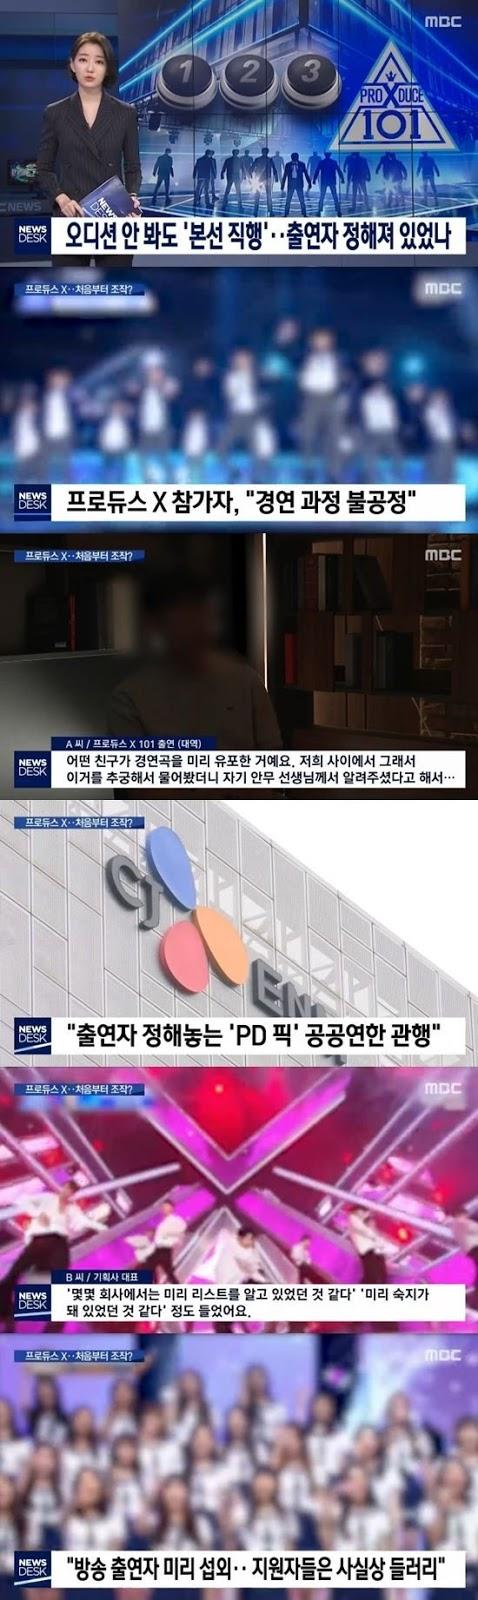 Soruşturmalar devam ederken 'Produce X' ve 'Idol School'daki yozlaşmanın detayları ortaya çıktı